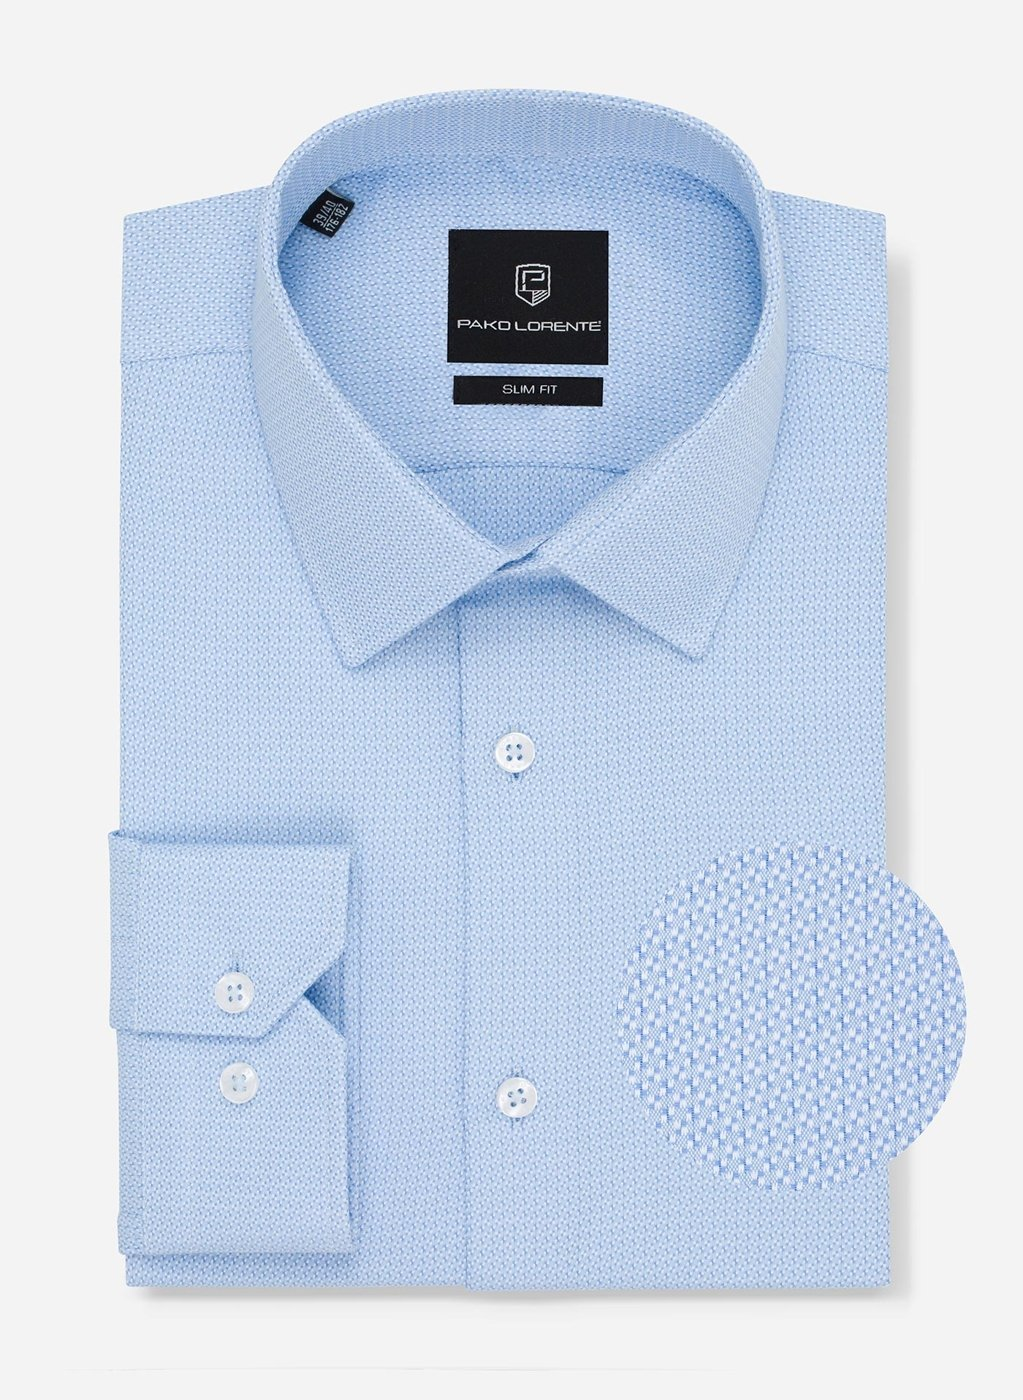 Koszula męska PLM-1X-504-N